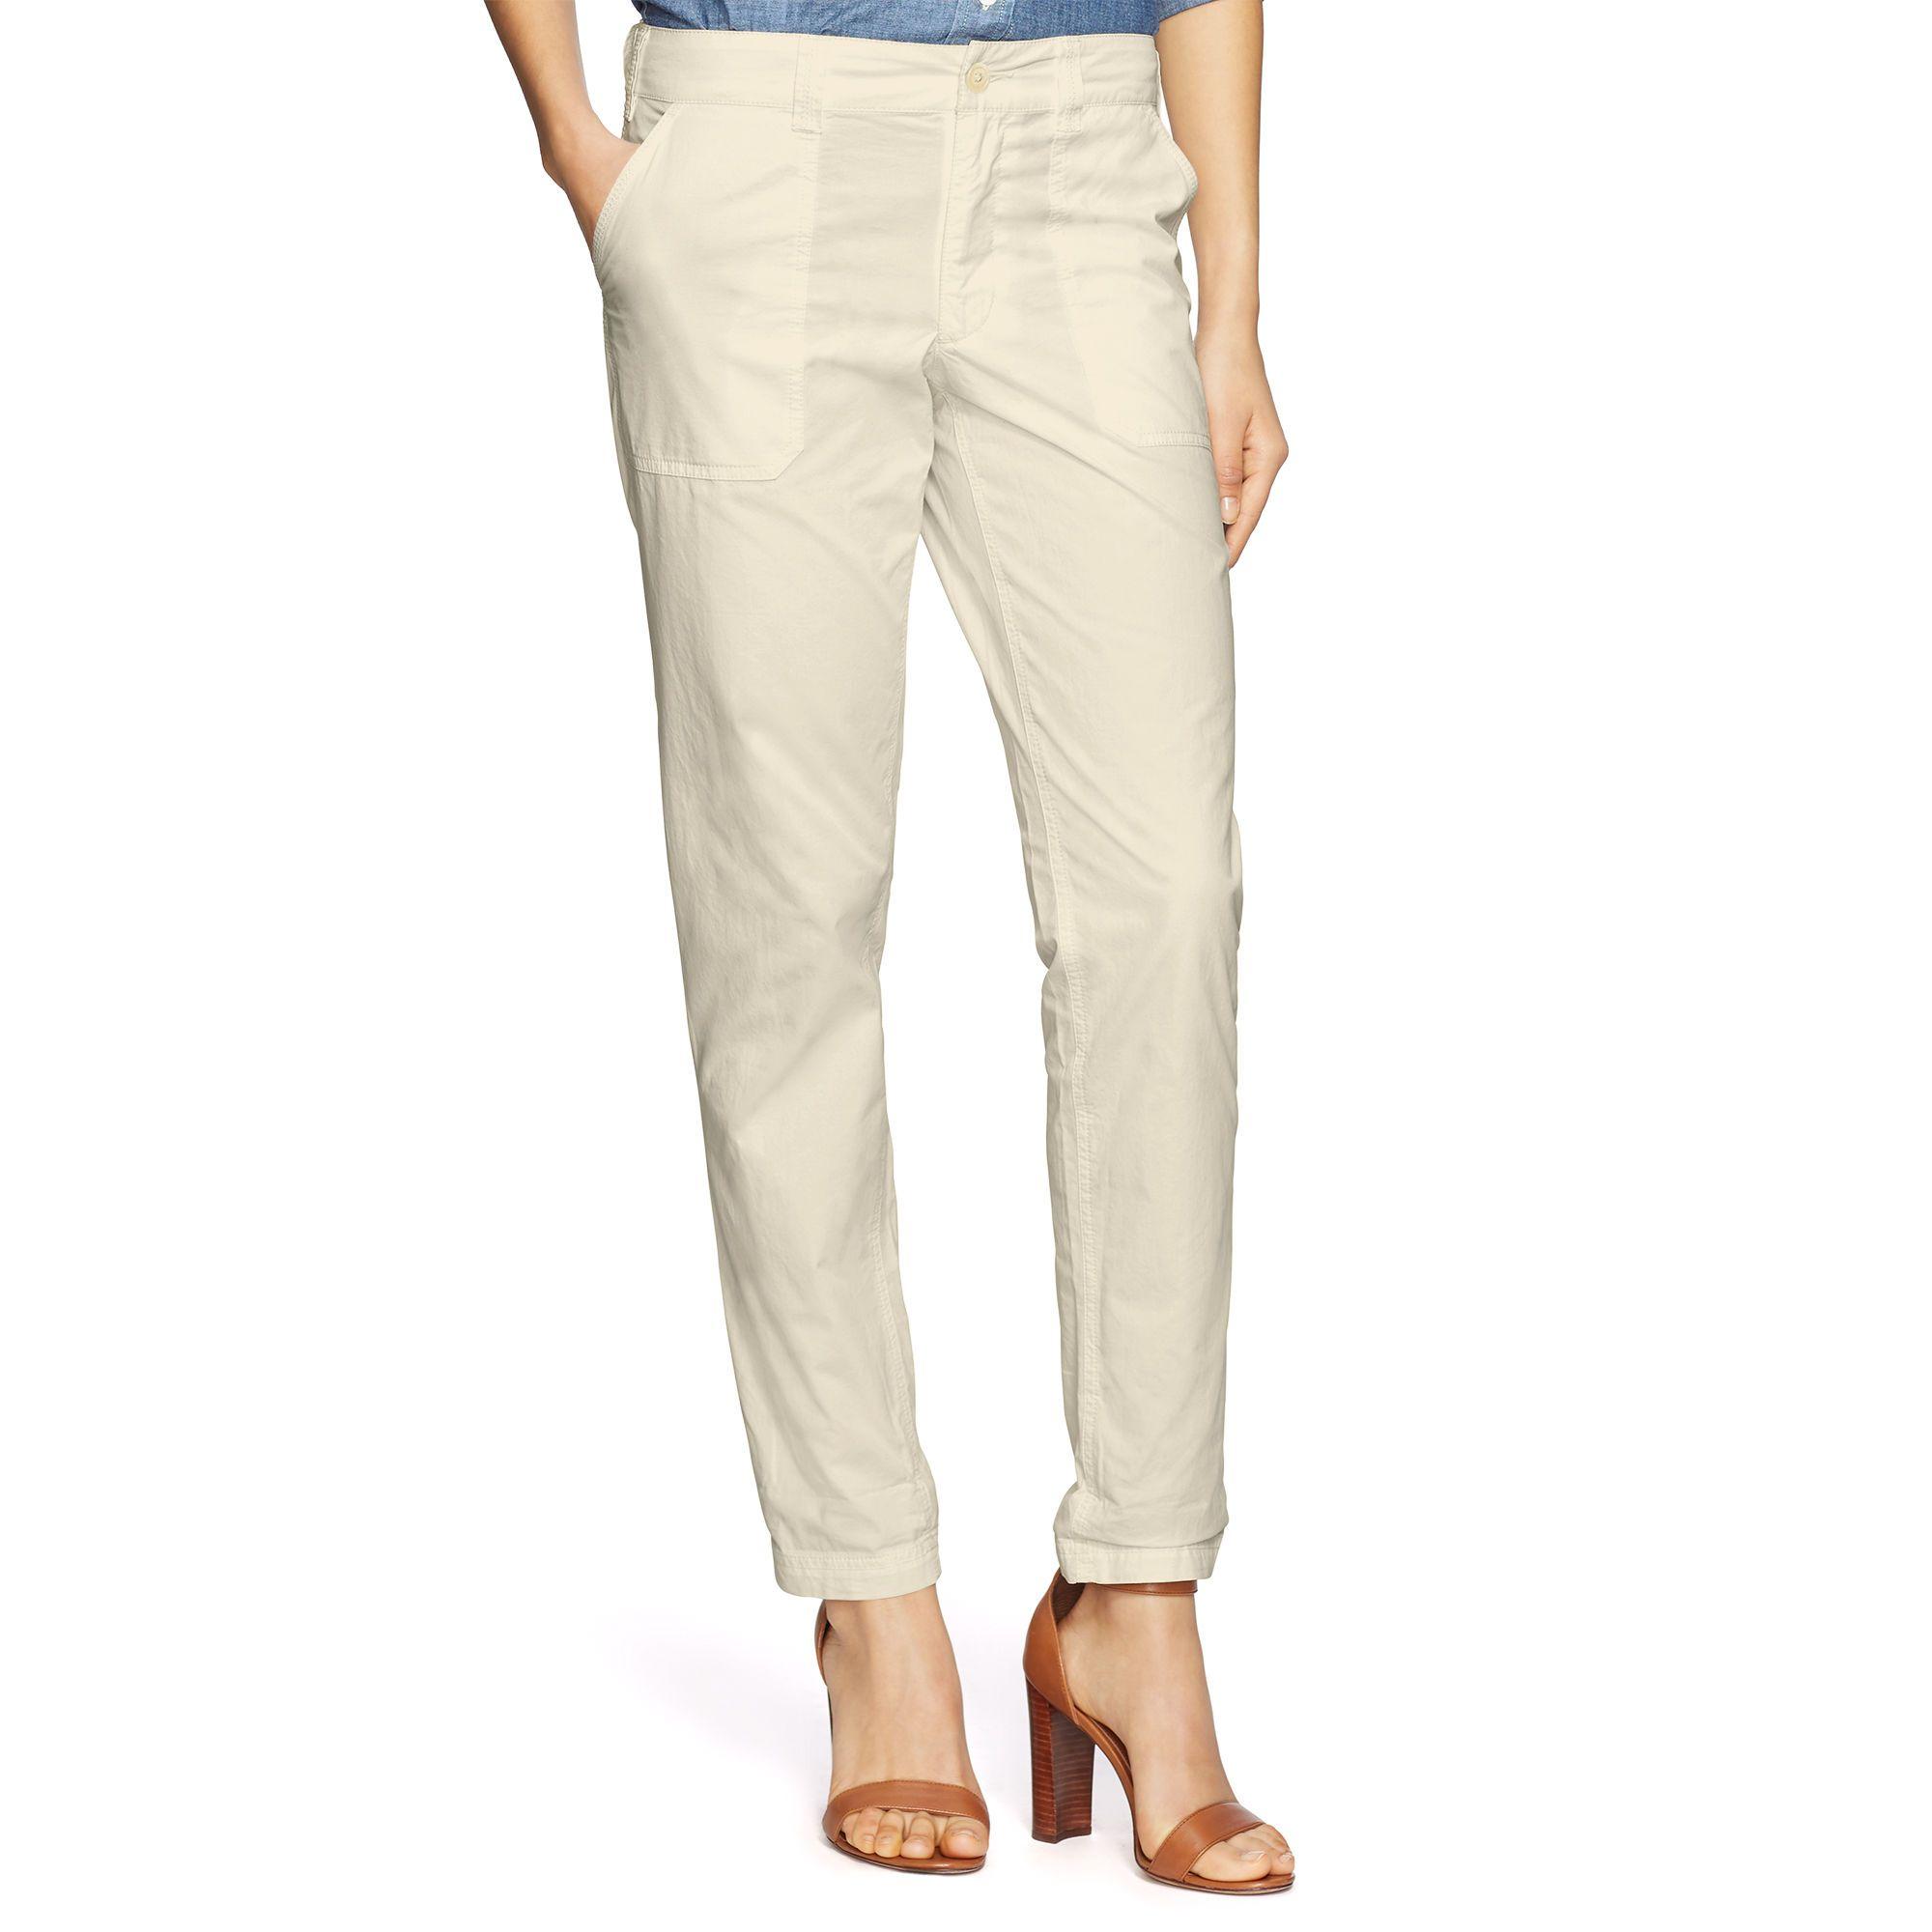 Straight Cotton Twill Pant - Sale  Pants, Jumpsuits & Shorts - RalphLauren.com